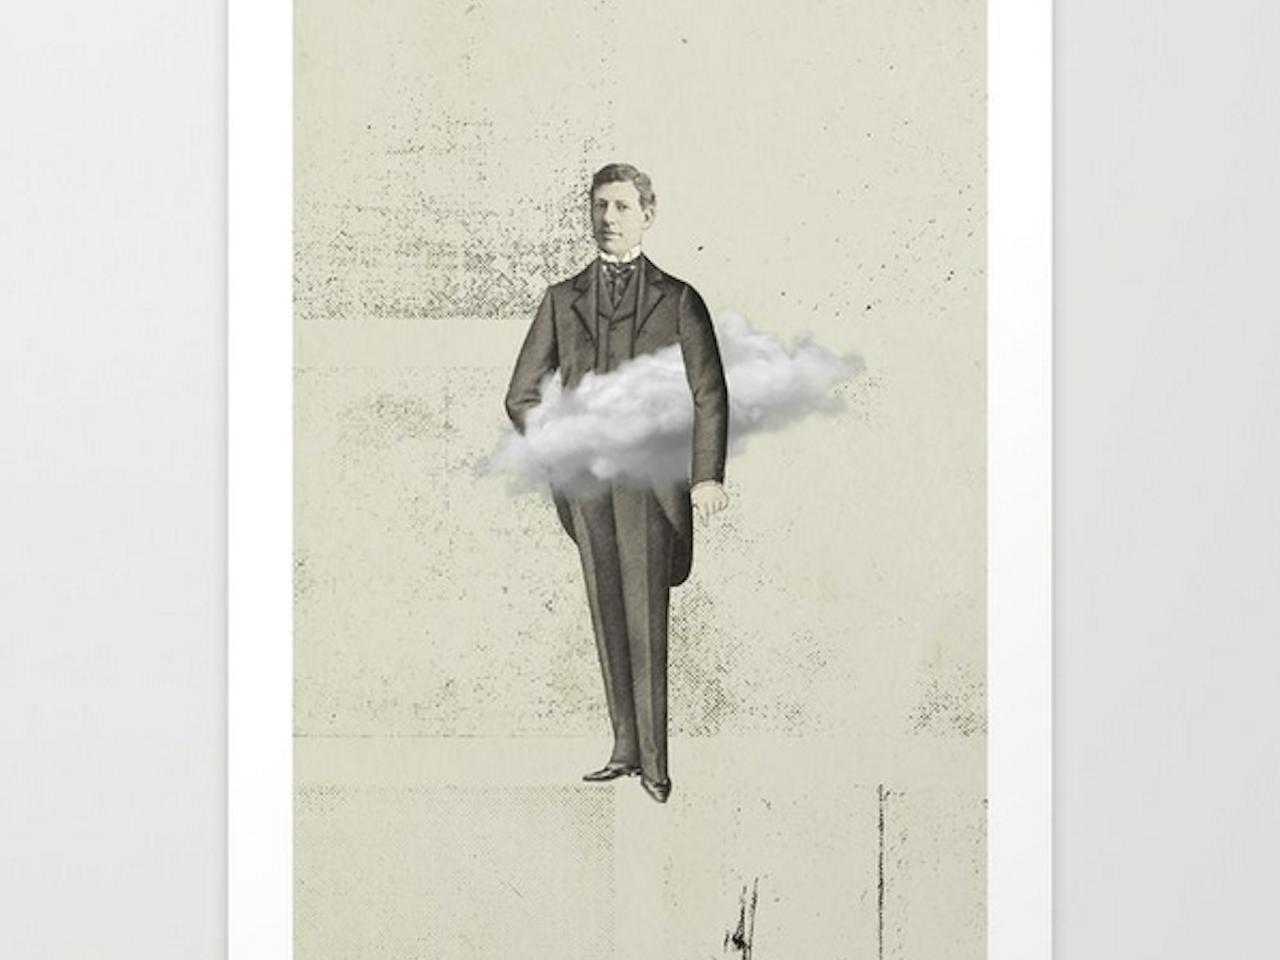 Traficante de nubes